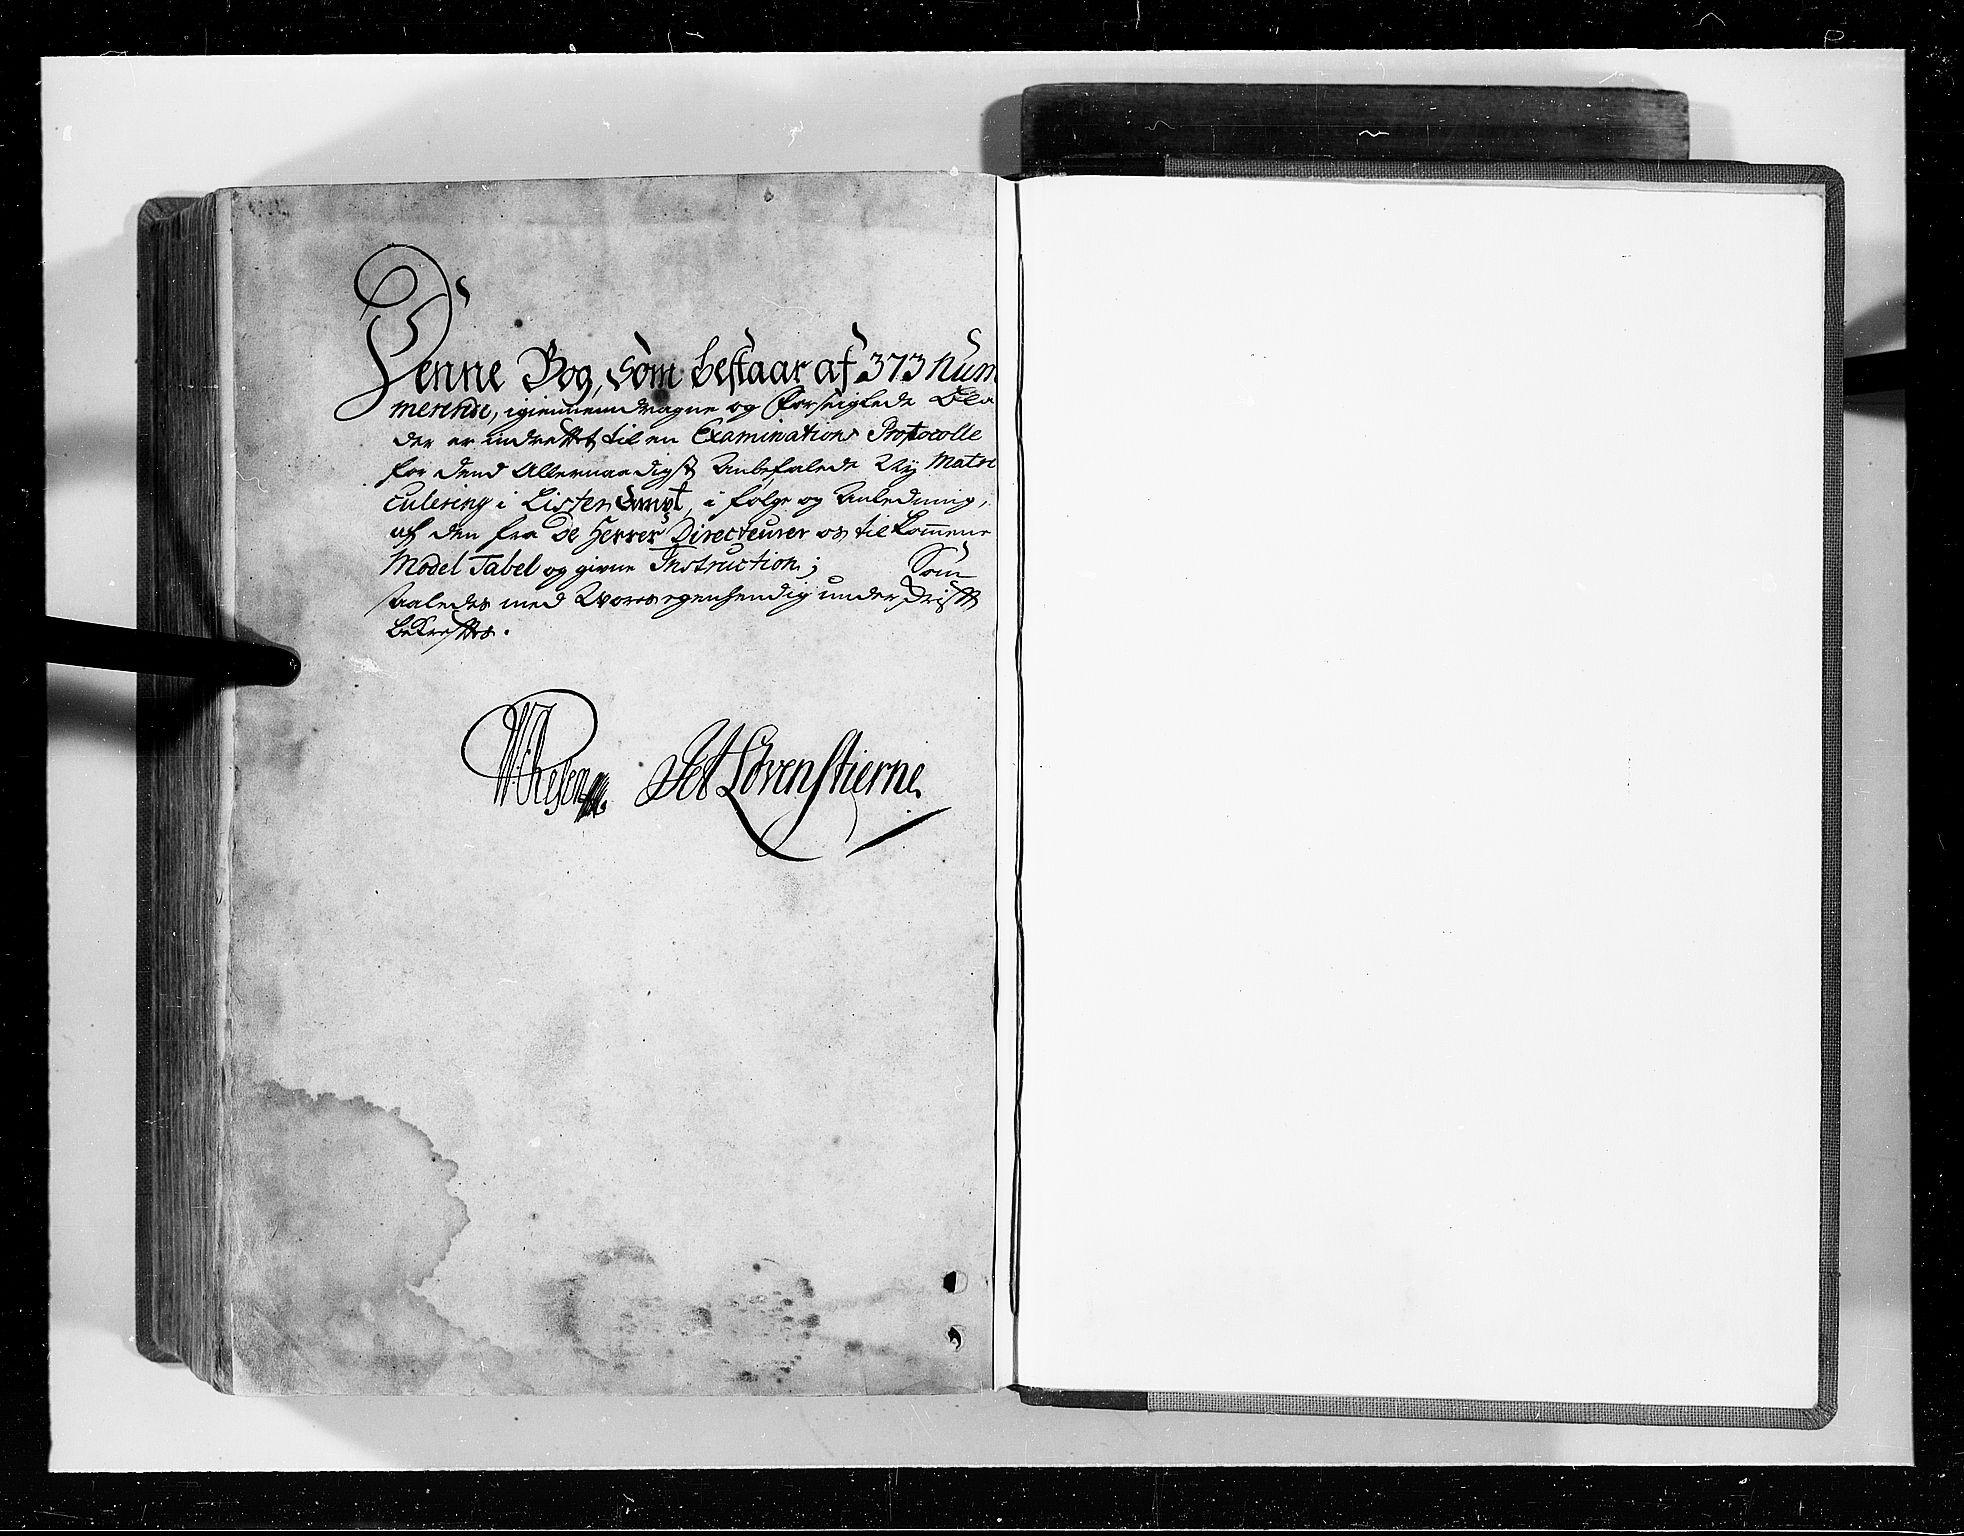 RA, Rentekammeret inntil 1814, Realistisk ordnet avdeling, N/Nb/Nbf/L0129: Lista eksaminasjonsprotokoll, 1723, s. 367b-368a